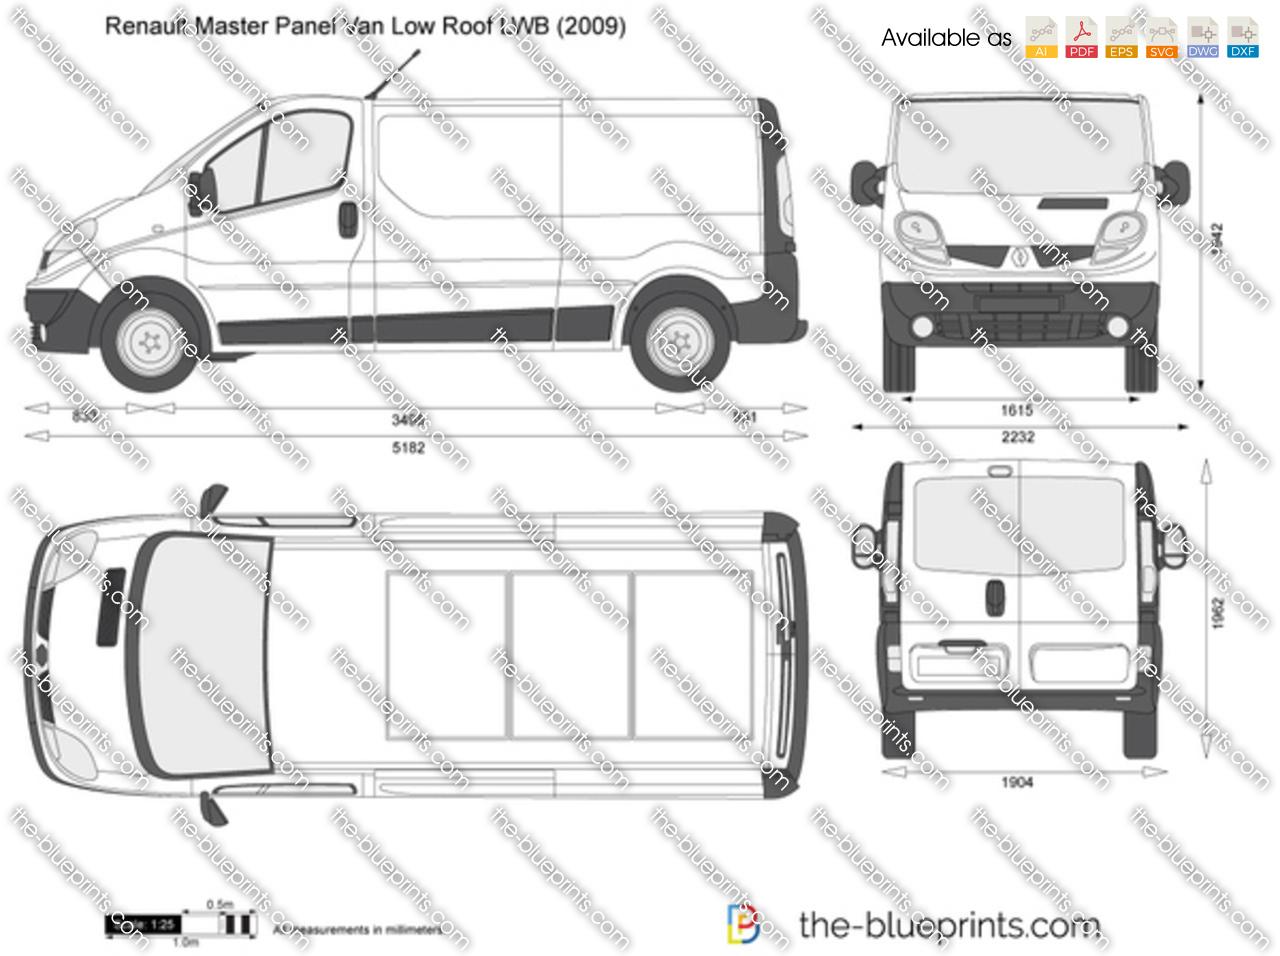 Renault Trafic Panel Van Low Roof LWB 2002